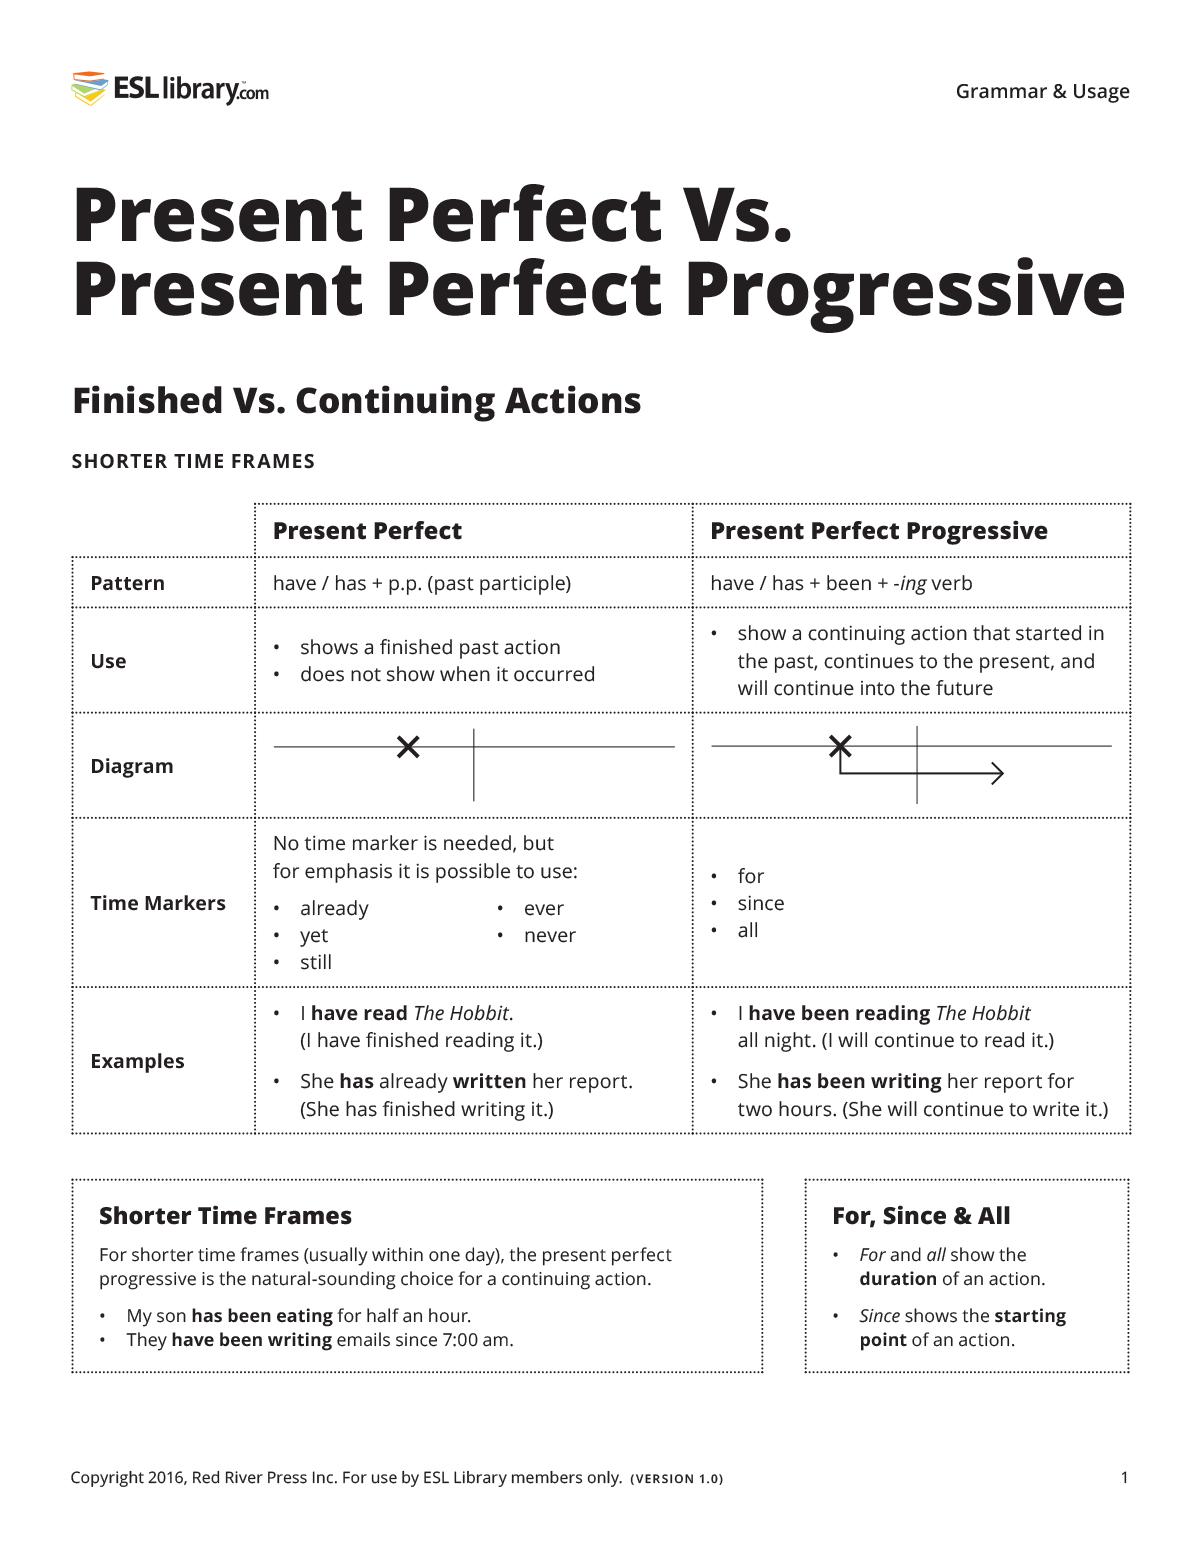 Present Perfect Vs. Present Perfect Progressive Use #1